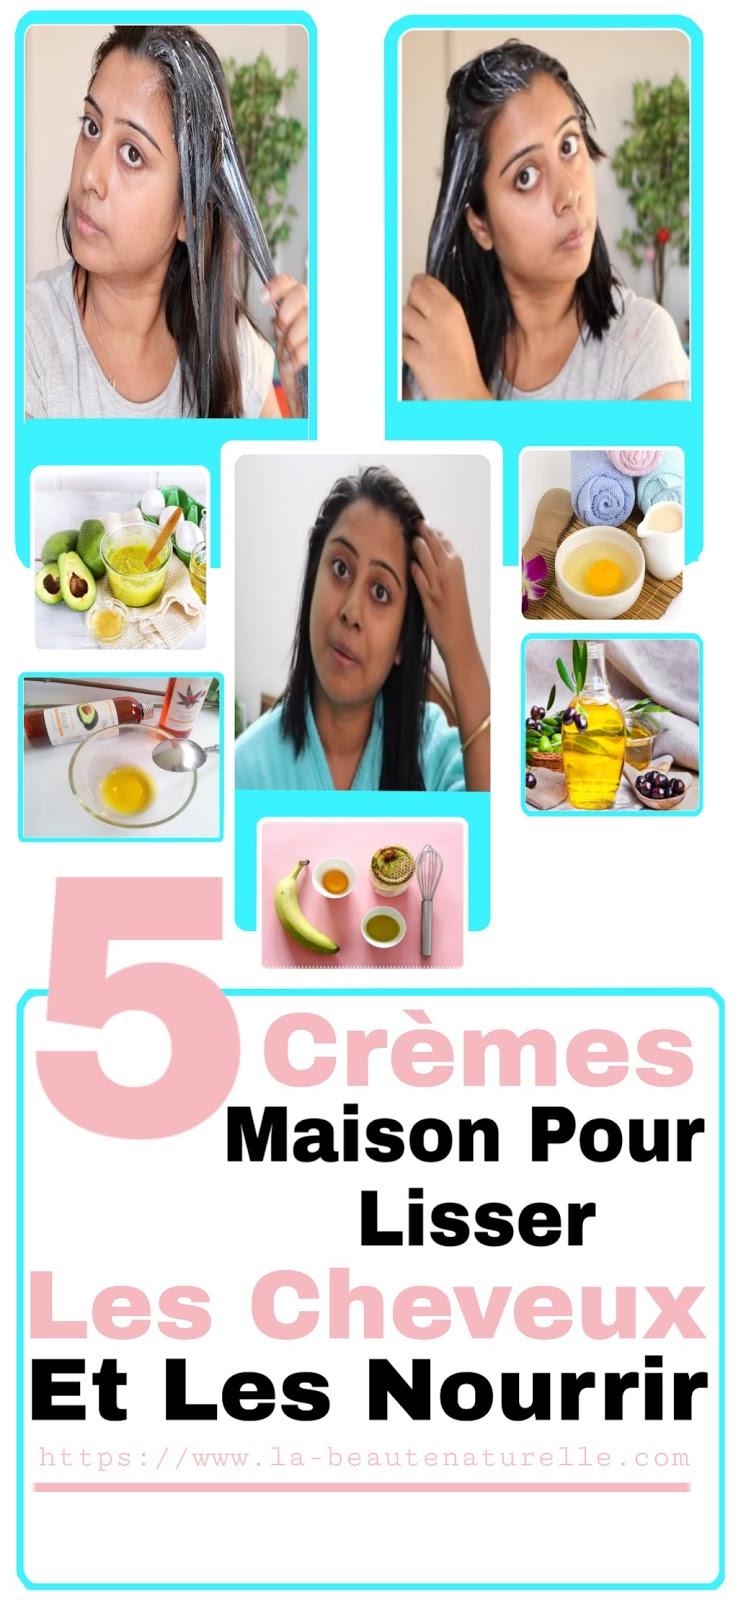 5 Crèmes Maison Pour Lisser Les Cheveux Et Les Nourrir